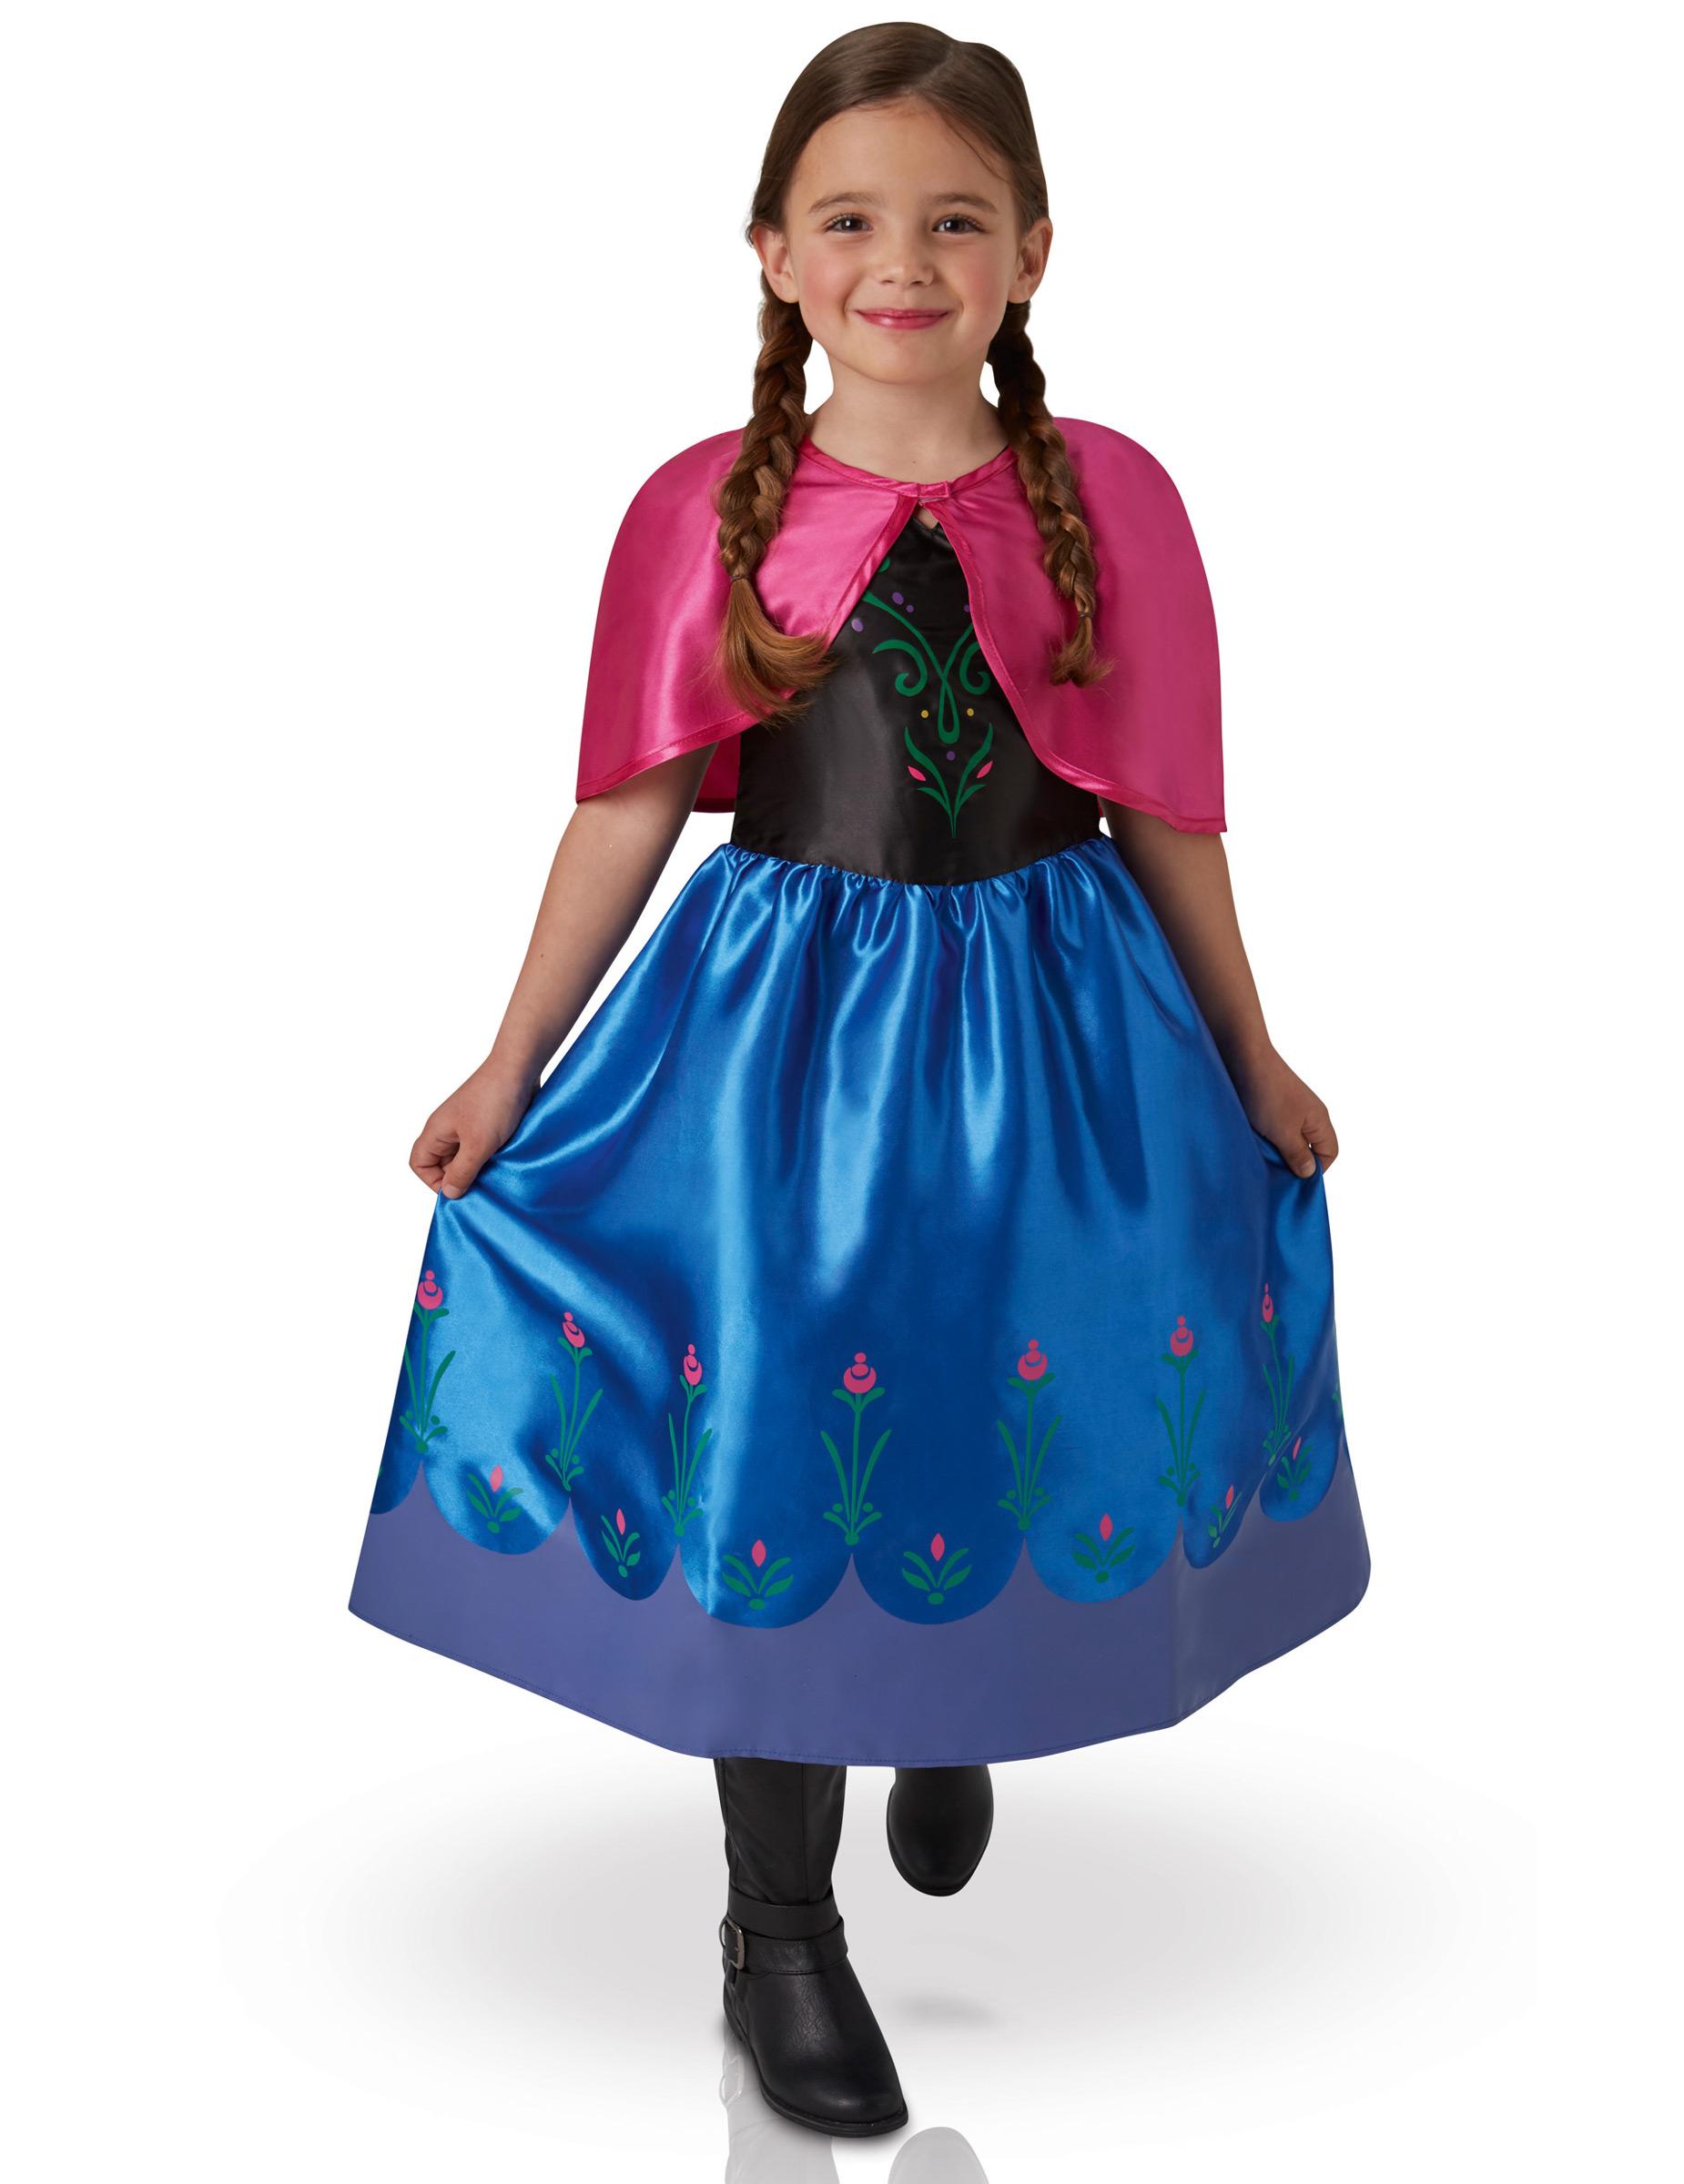 4026f44dc6b5 Costume Classico Anna new design - Frozen Il regno di Ghiaccio™